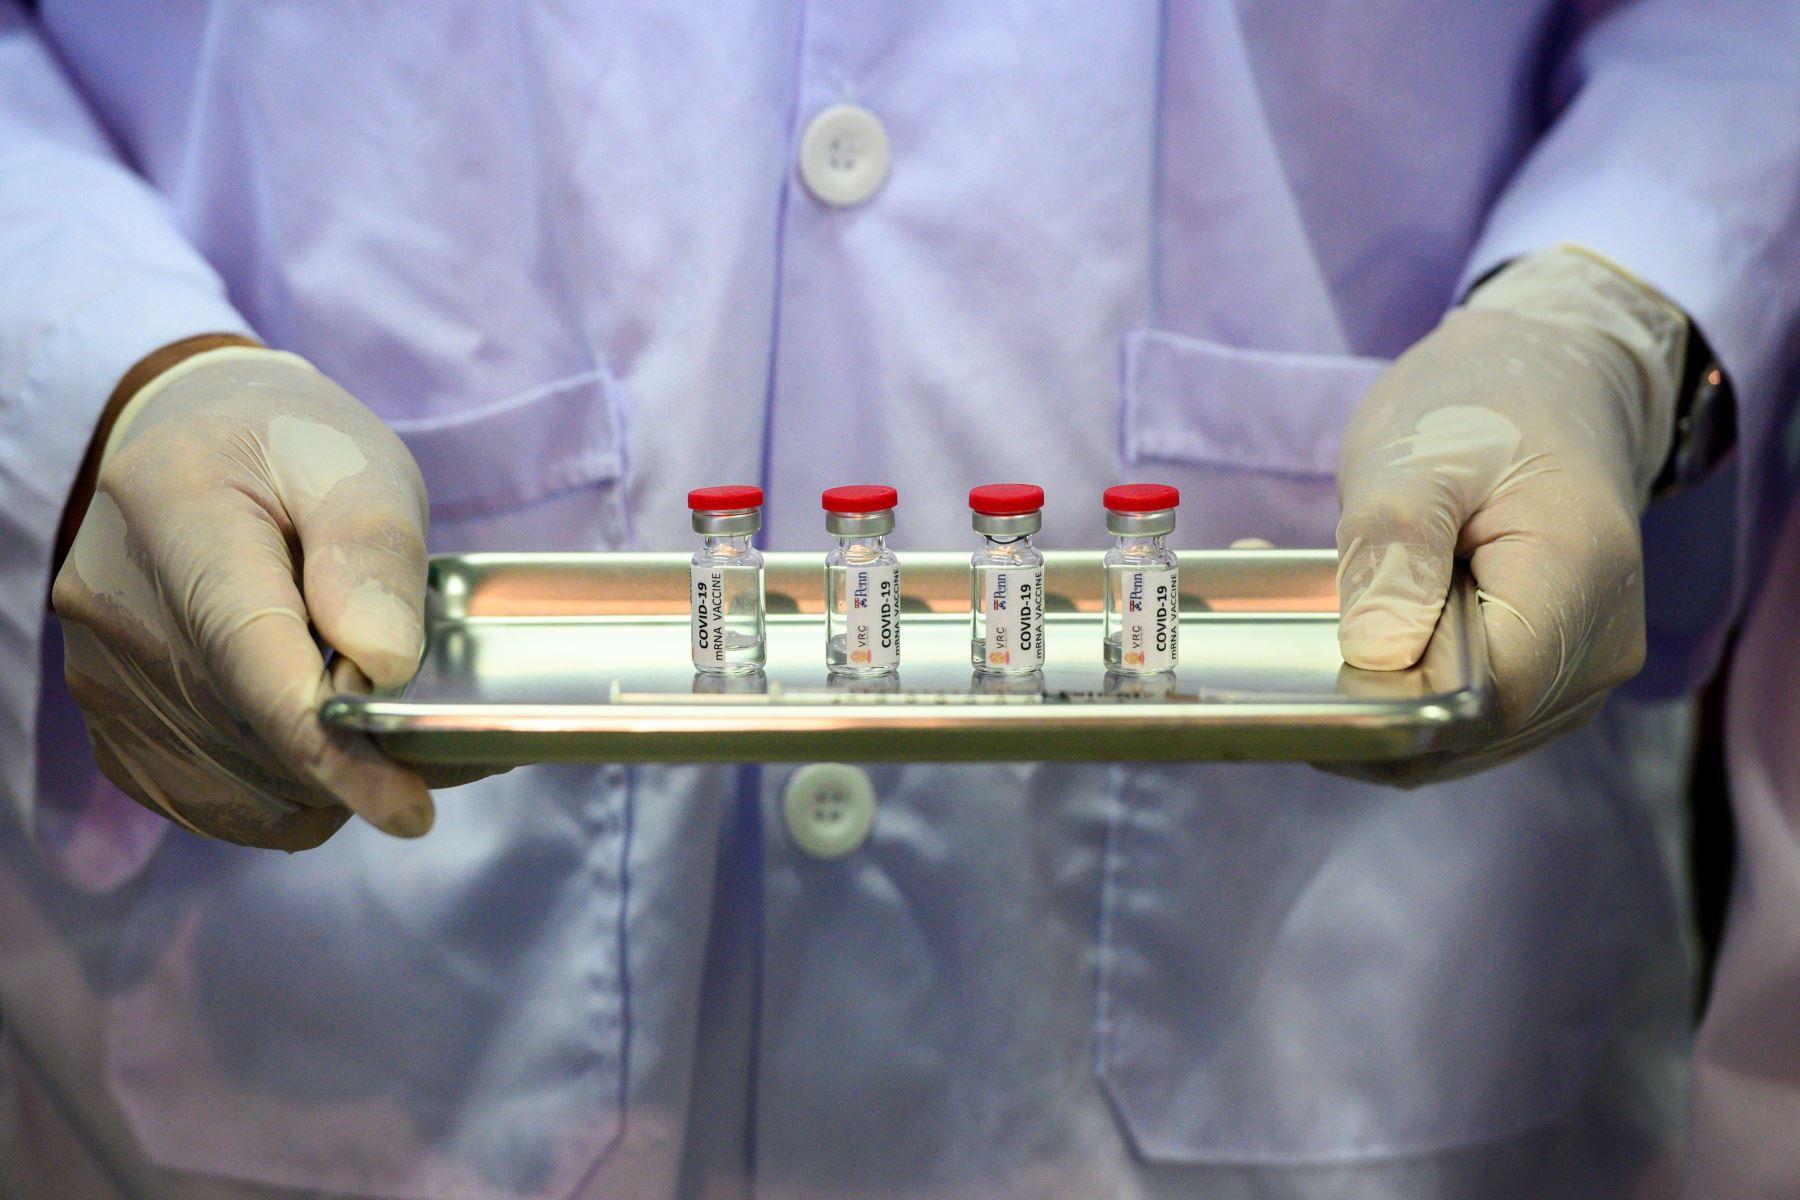 El fármaco neutralizó la variante G614 del SARS-CoV-2 y que fue 10 veces más efectivo en comparación con la variante original del virus, la D614. Foto: AFP